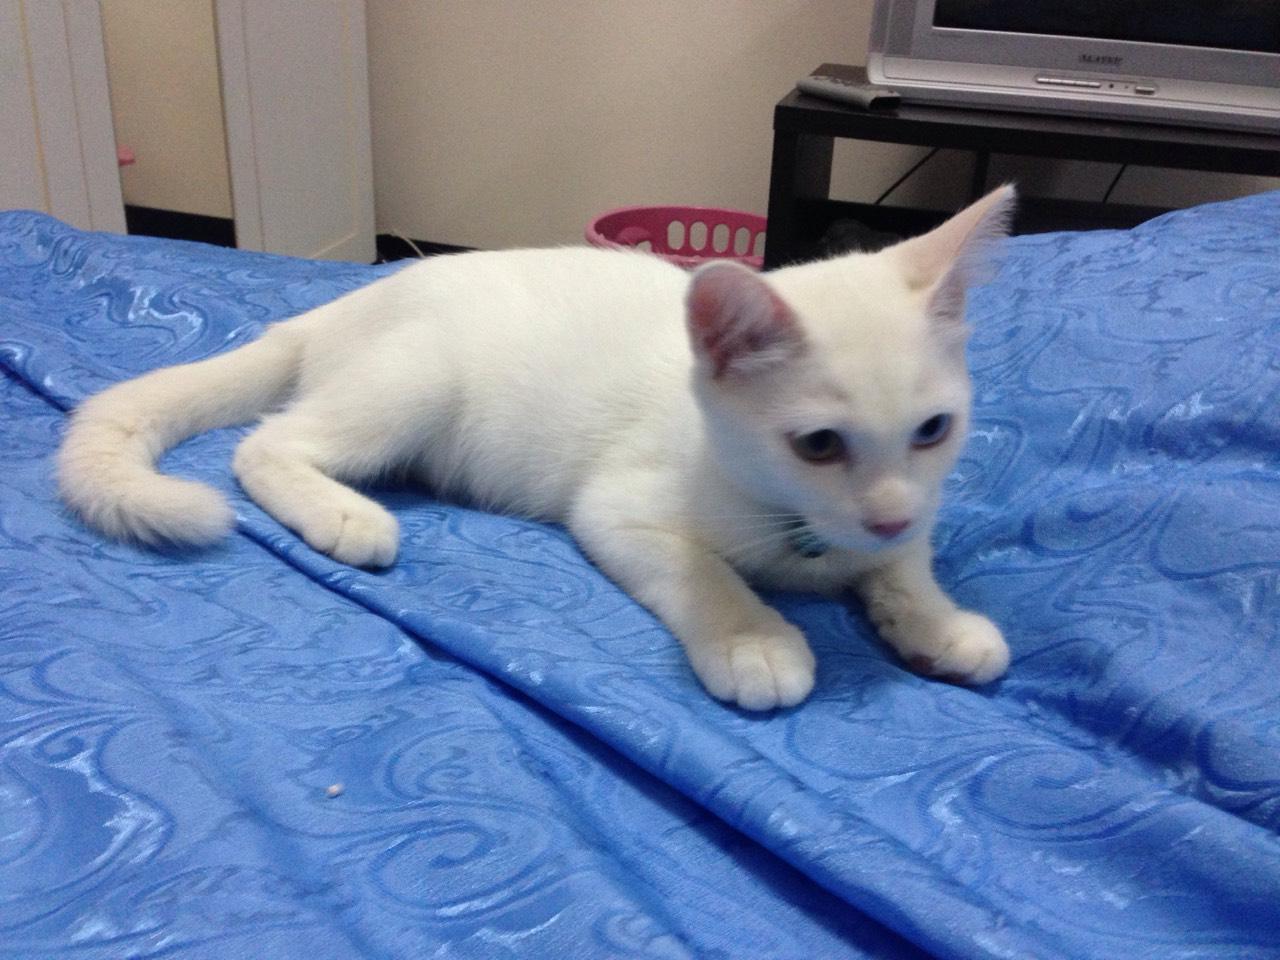 ซื้อขายแมววิเชียรมาศขาวมณีสีสวาดโคราชเปอร์เซียS__999433